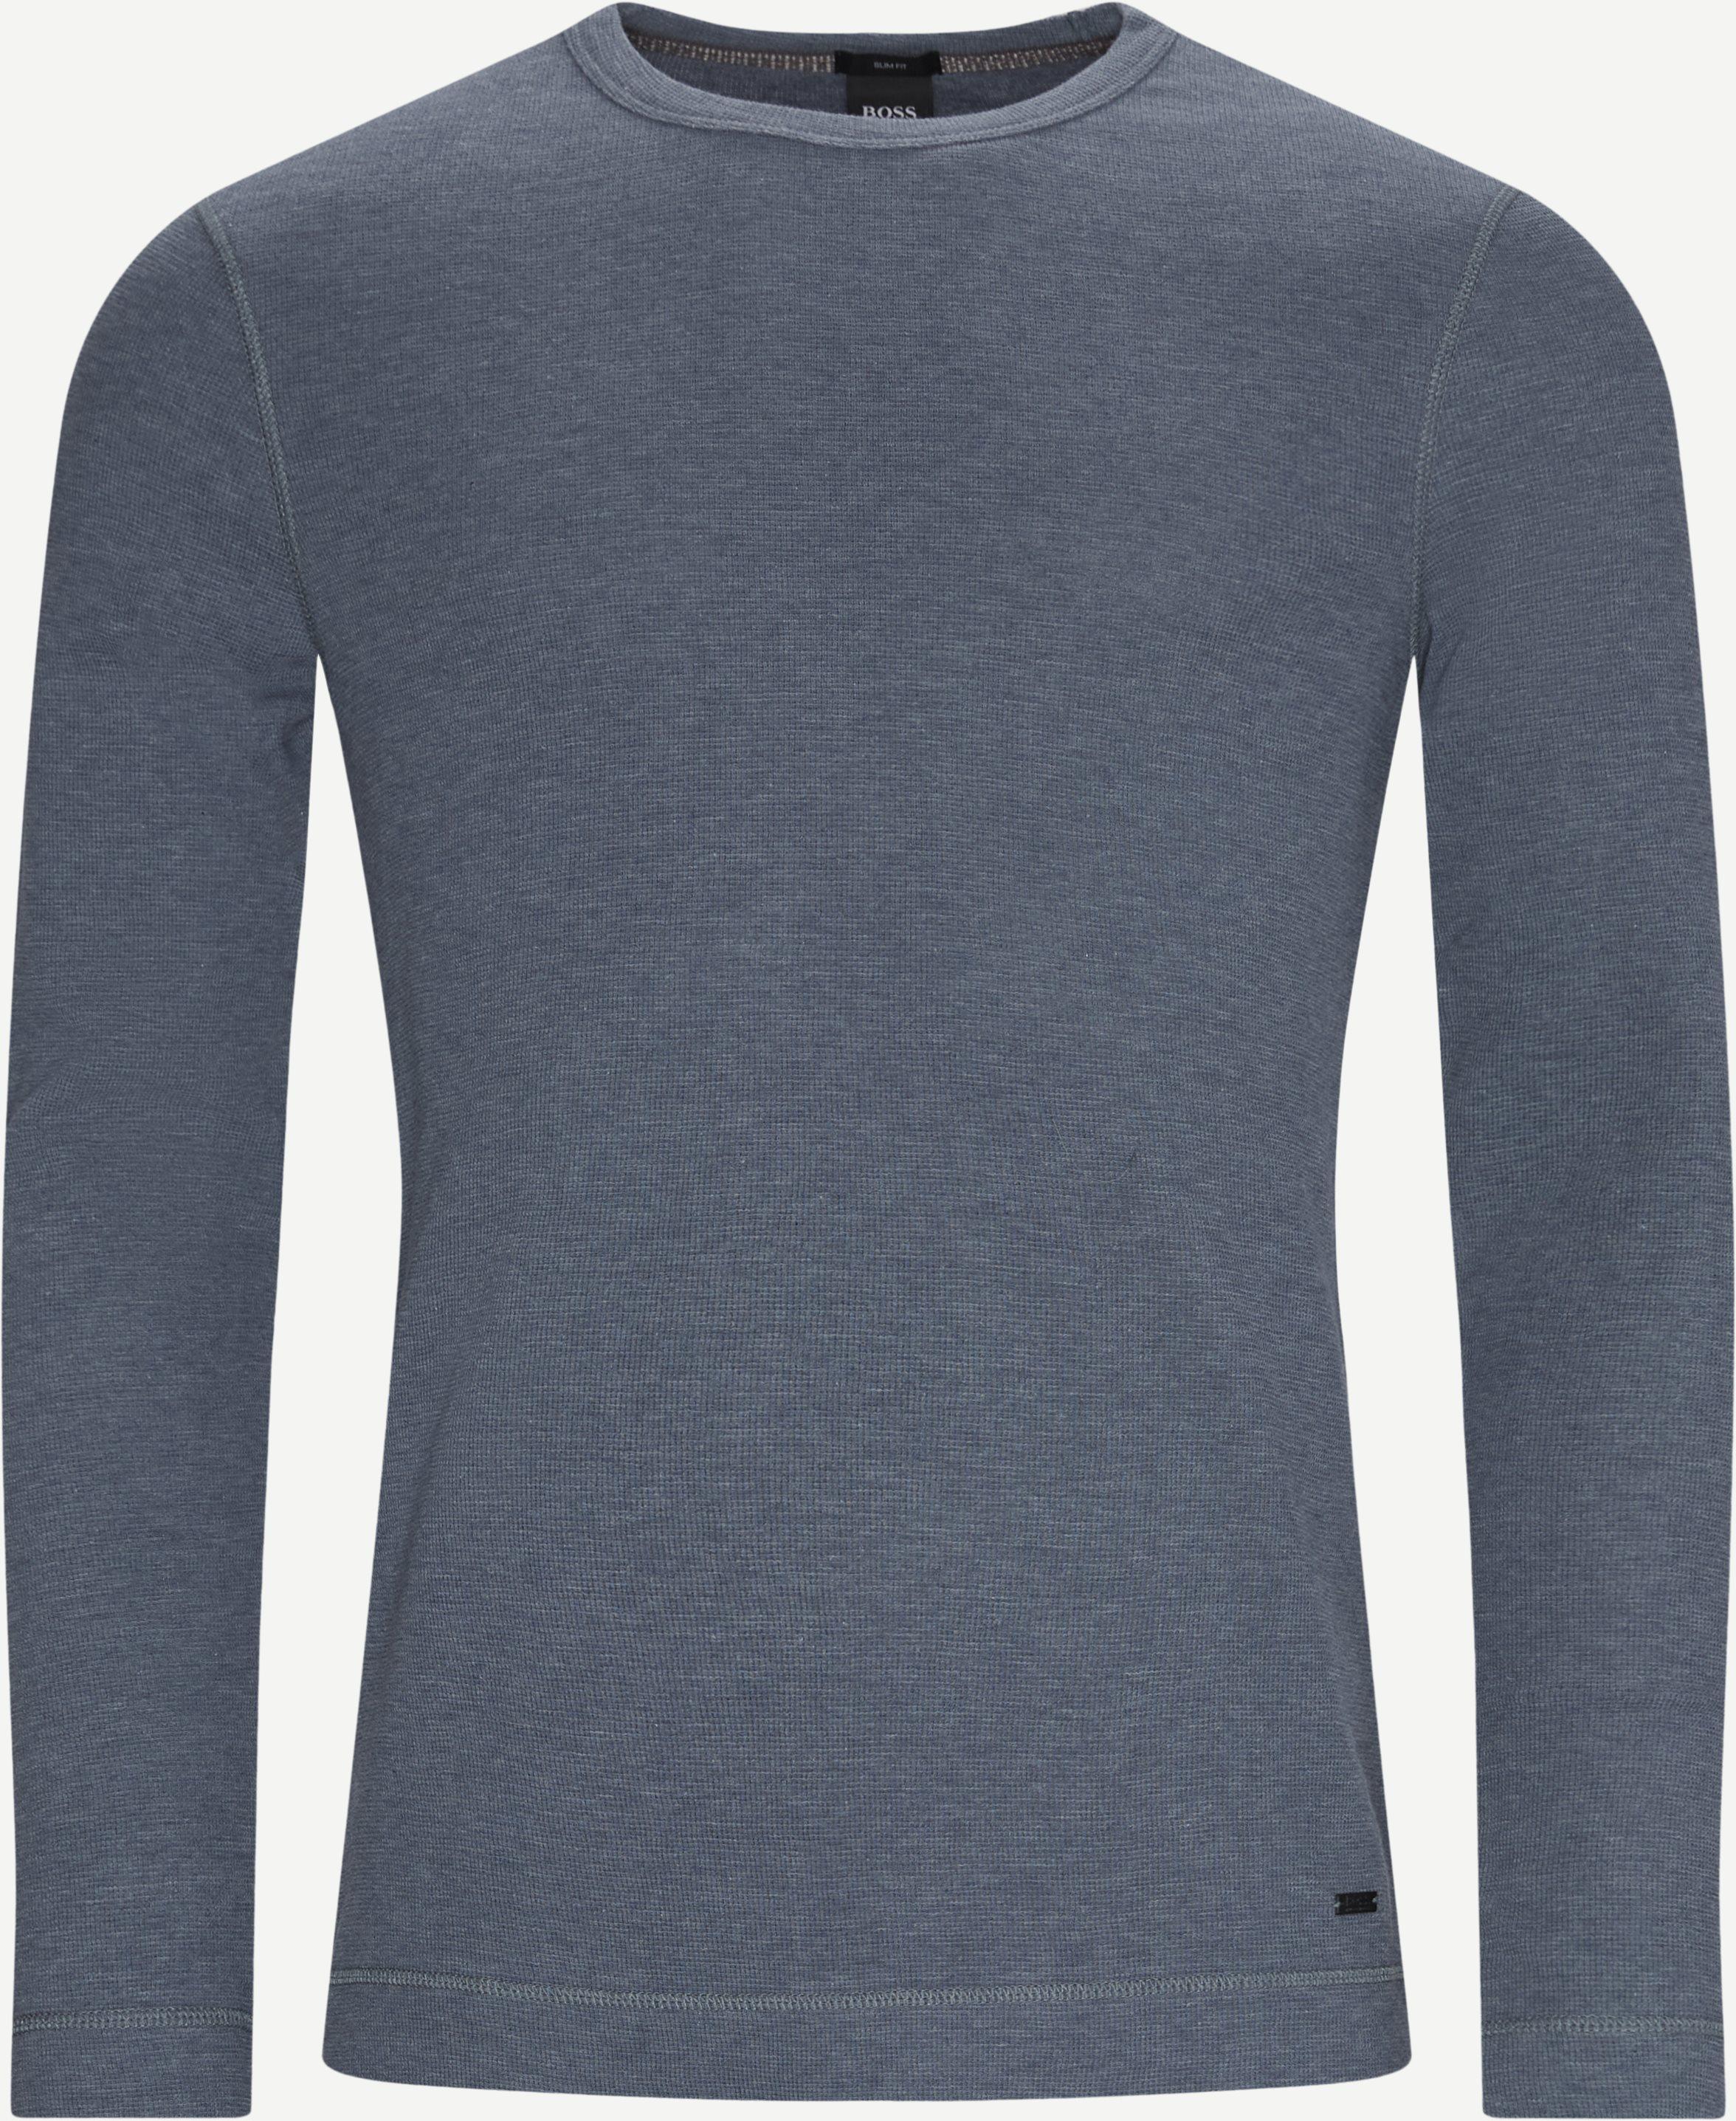 T-shirts - Slim fit - Denim